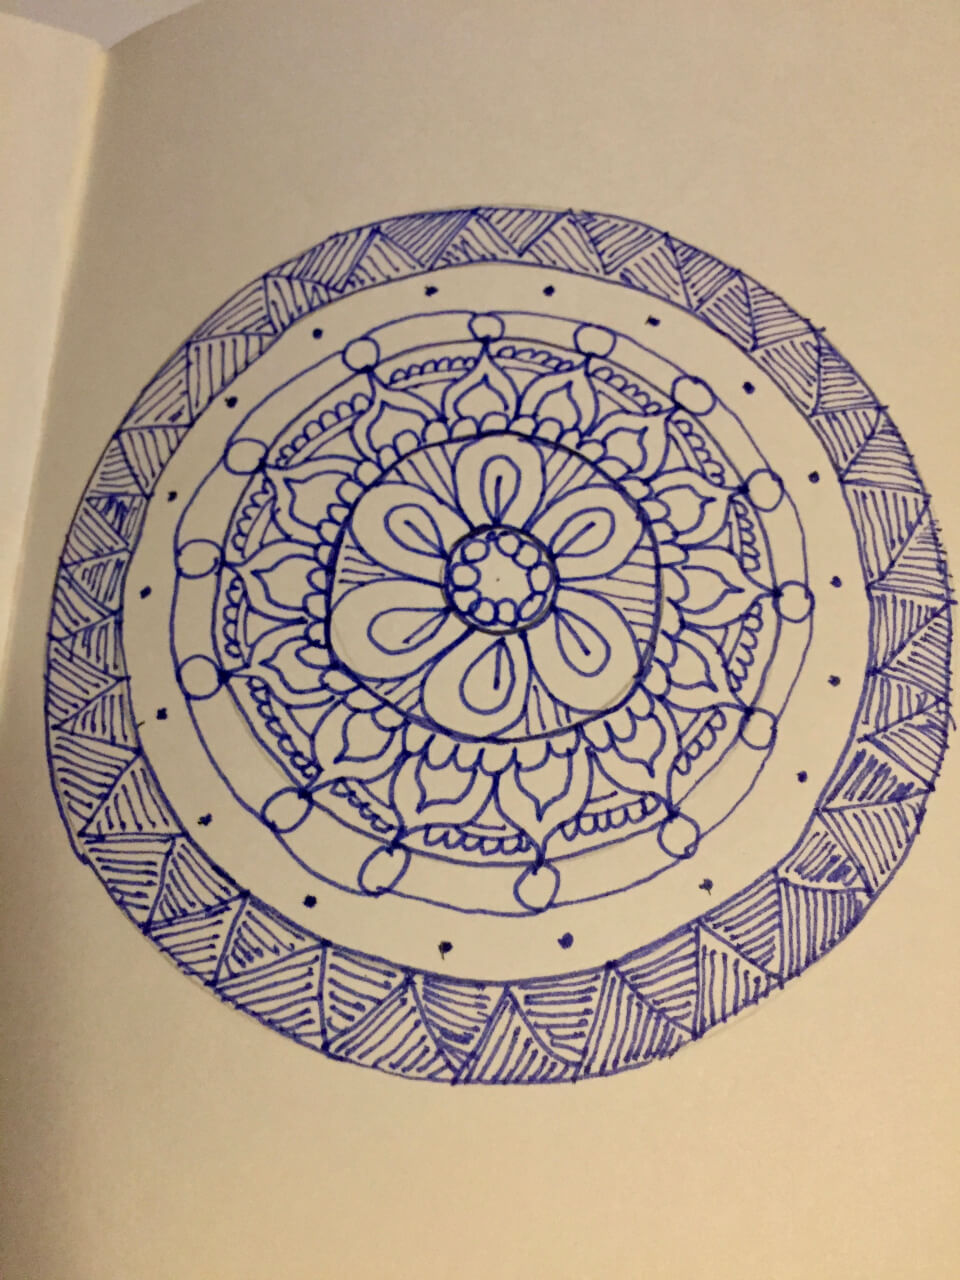 Tegn din egen mandala